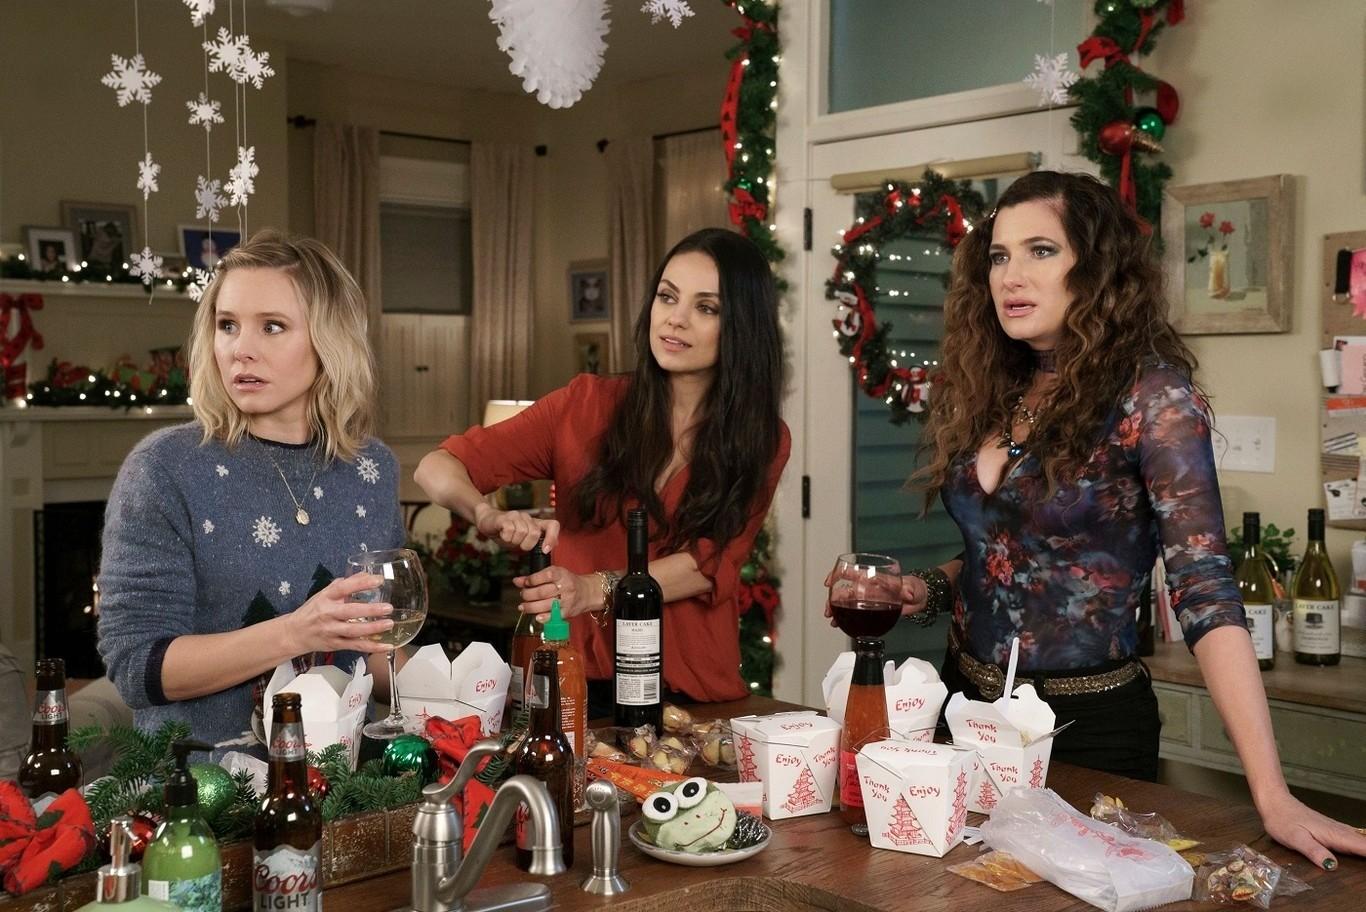 Фильм где девушки поменялись домами на рождество